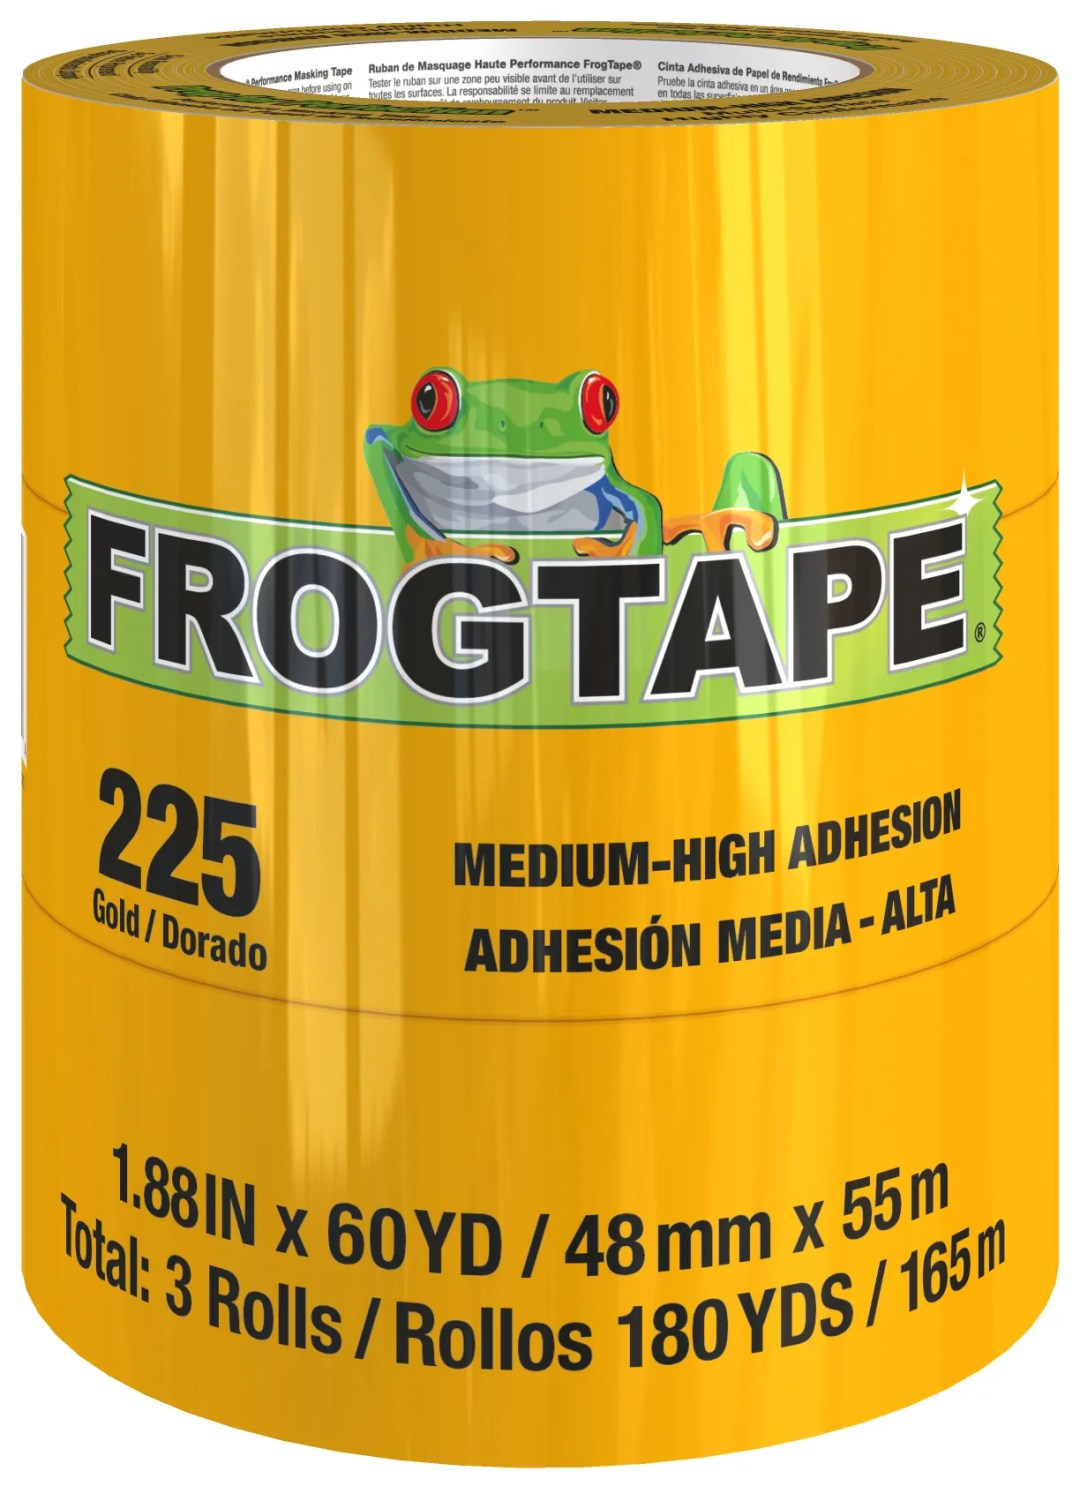 FrogTape® 225 Gold Masking Tape Product Image